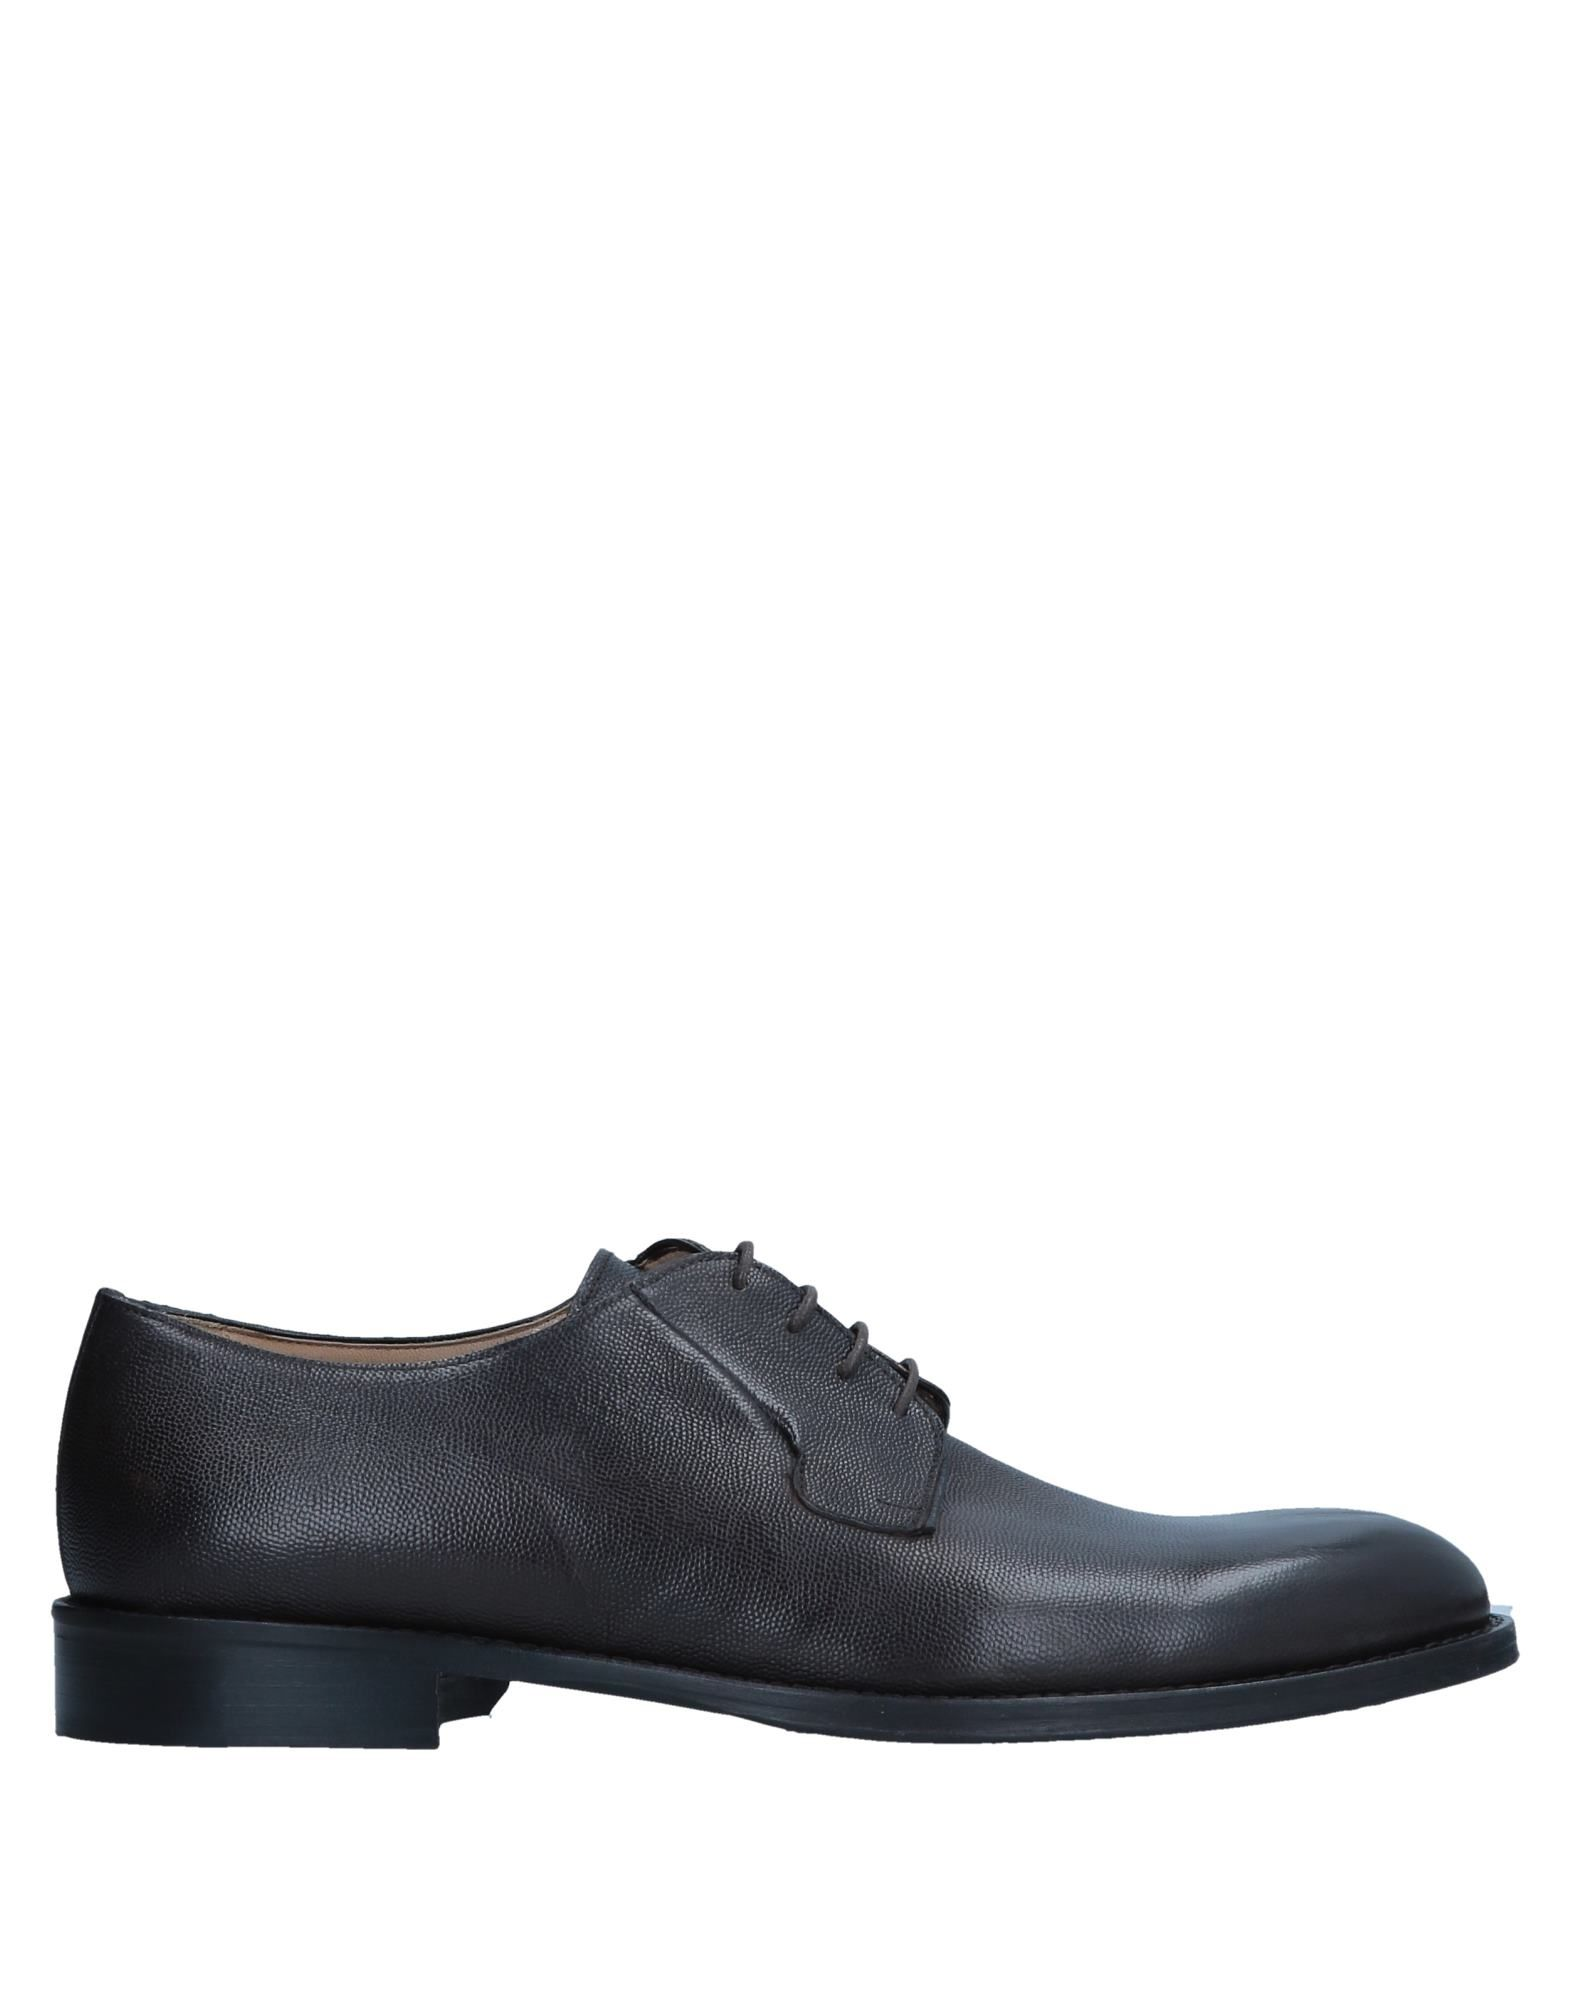 Alexander Trend Schnürschuhe Herren  11559457QE Gute Qualität beliebte Schuhe